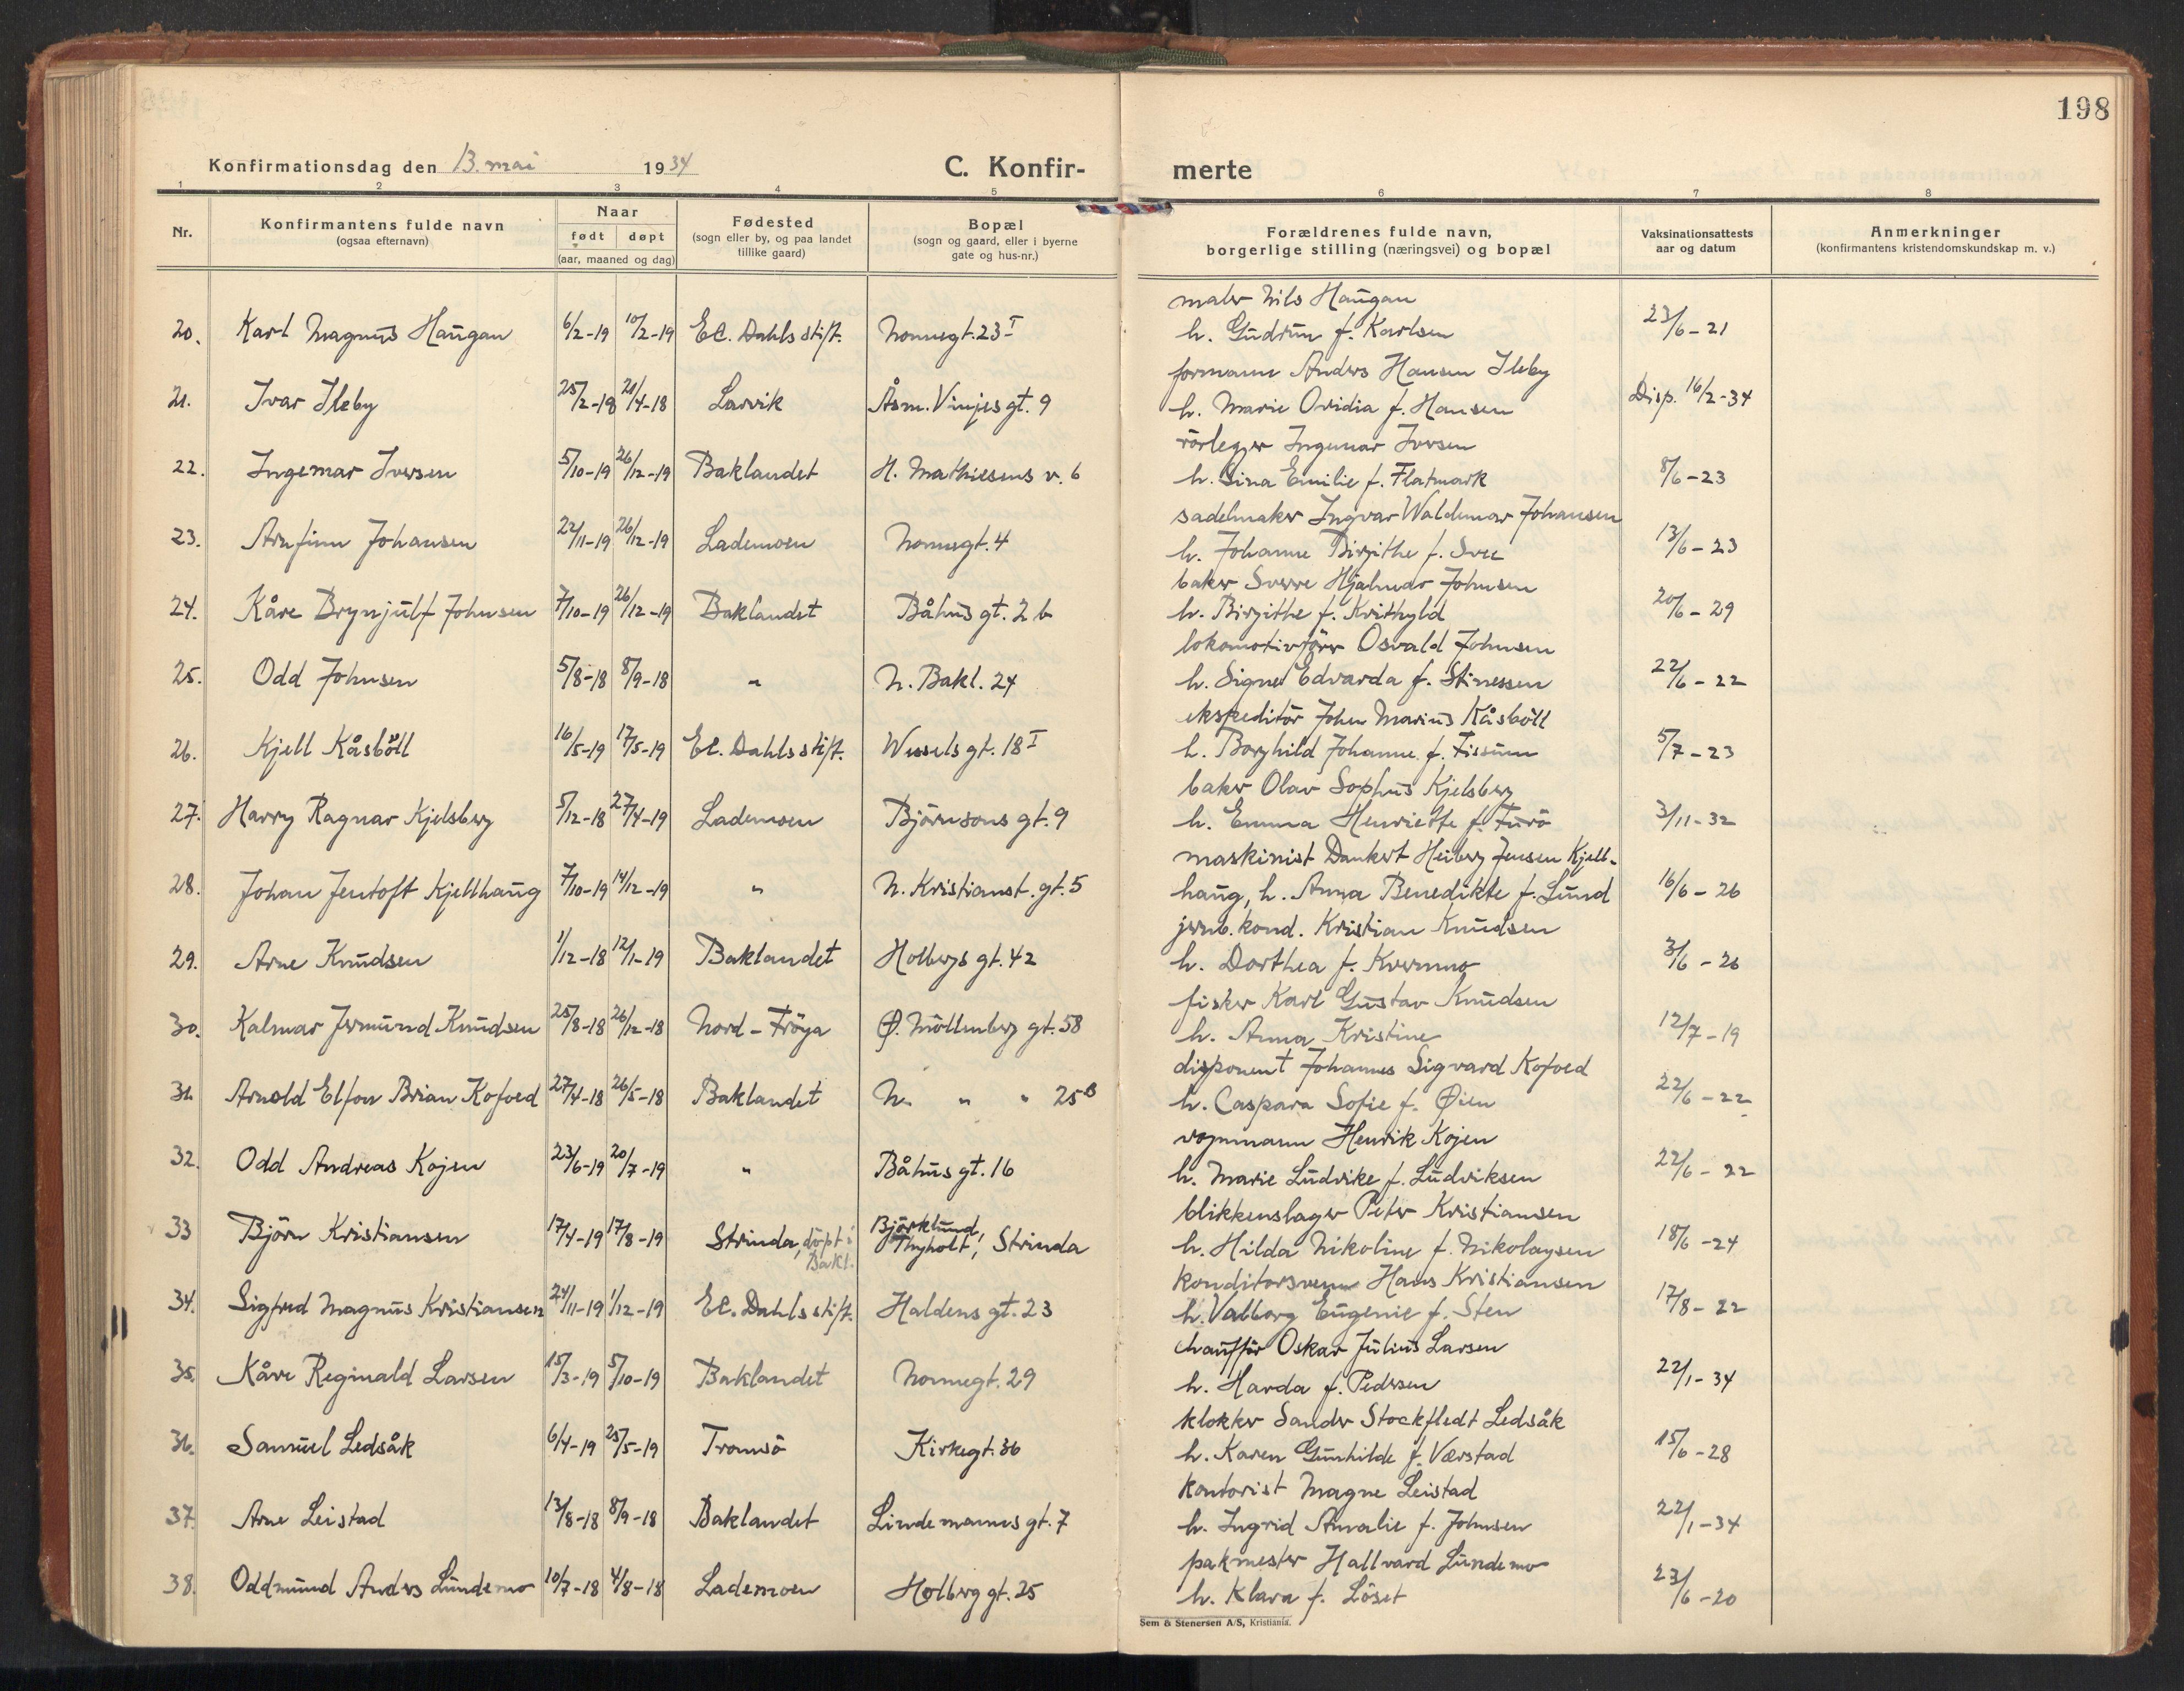 SAT, Ministerialprotokoller, klokkerbøker og fødselsregistre - Sør-Trøndelag, 604/L0208: Ministerialbok nr. 604A28, 1923-1937, s. 198